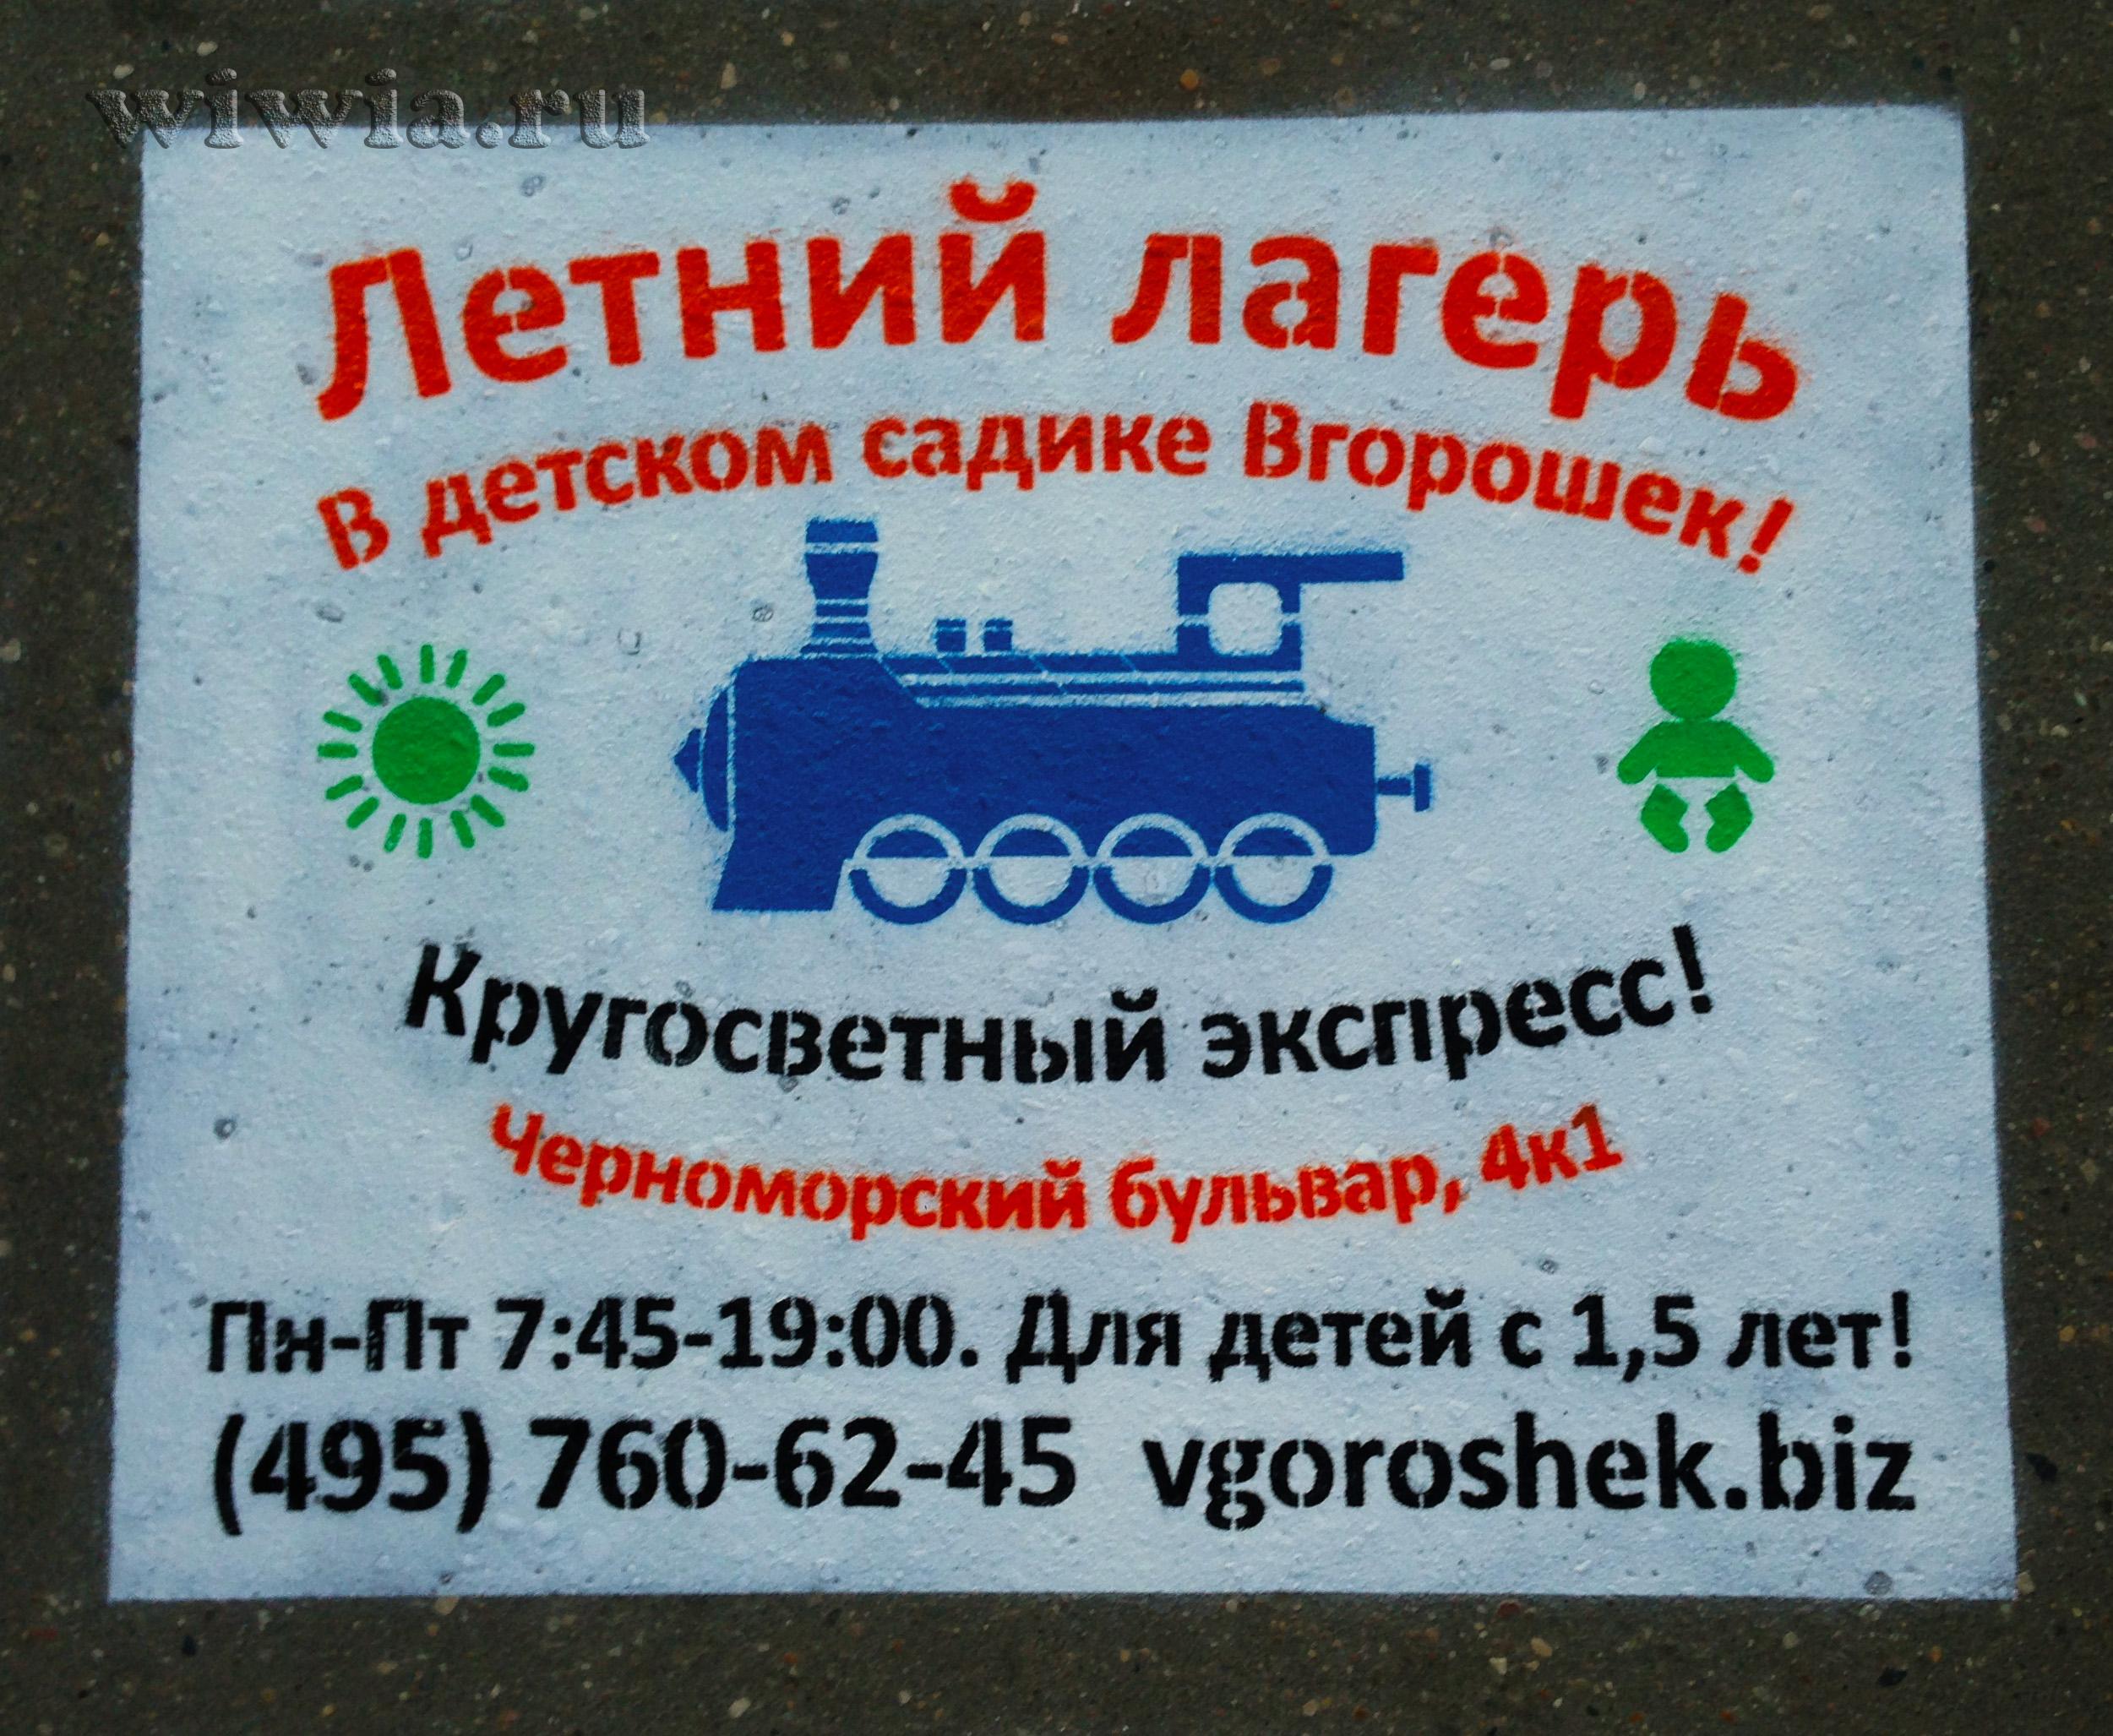 Пример рекламы на асфальте.